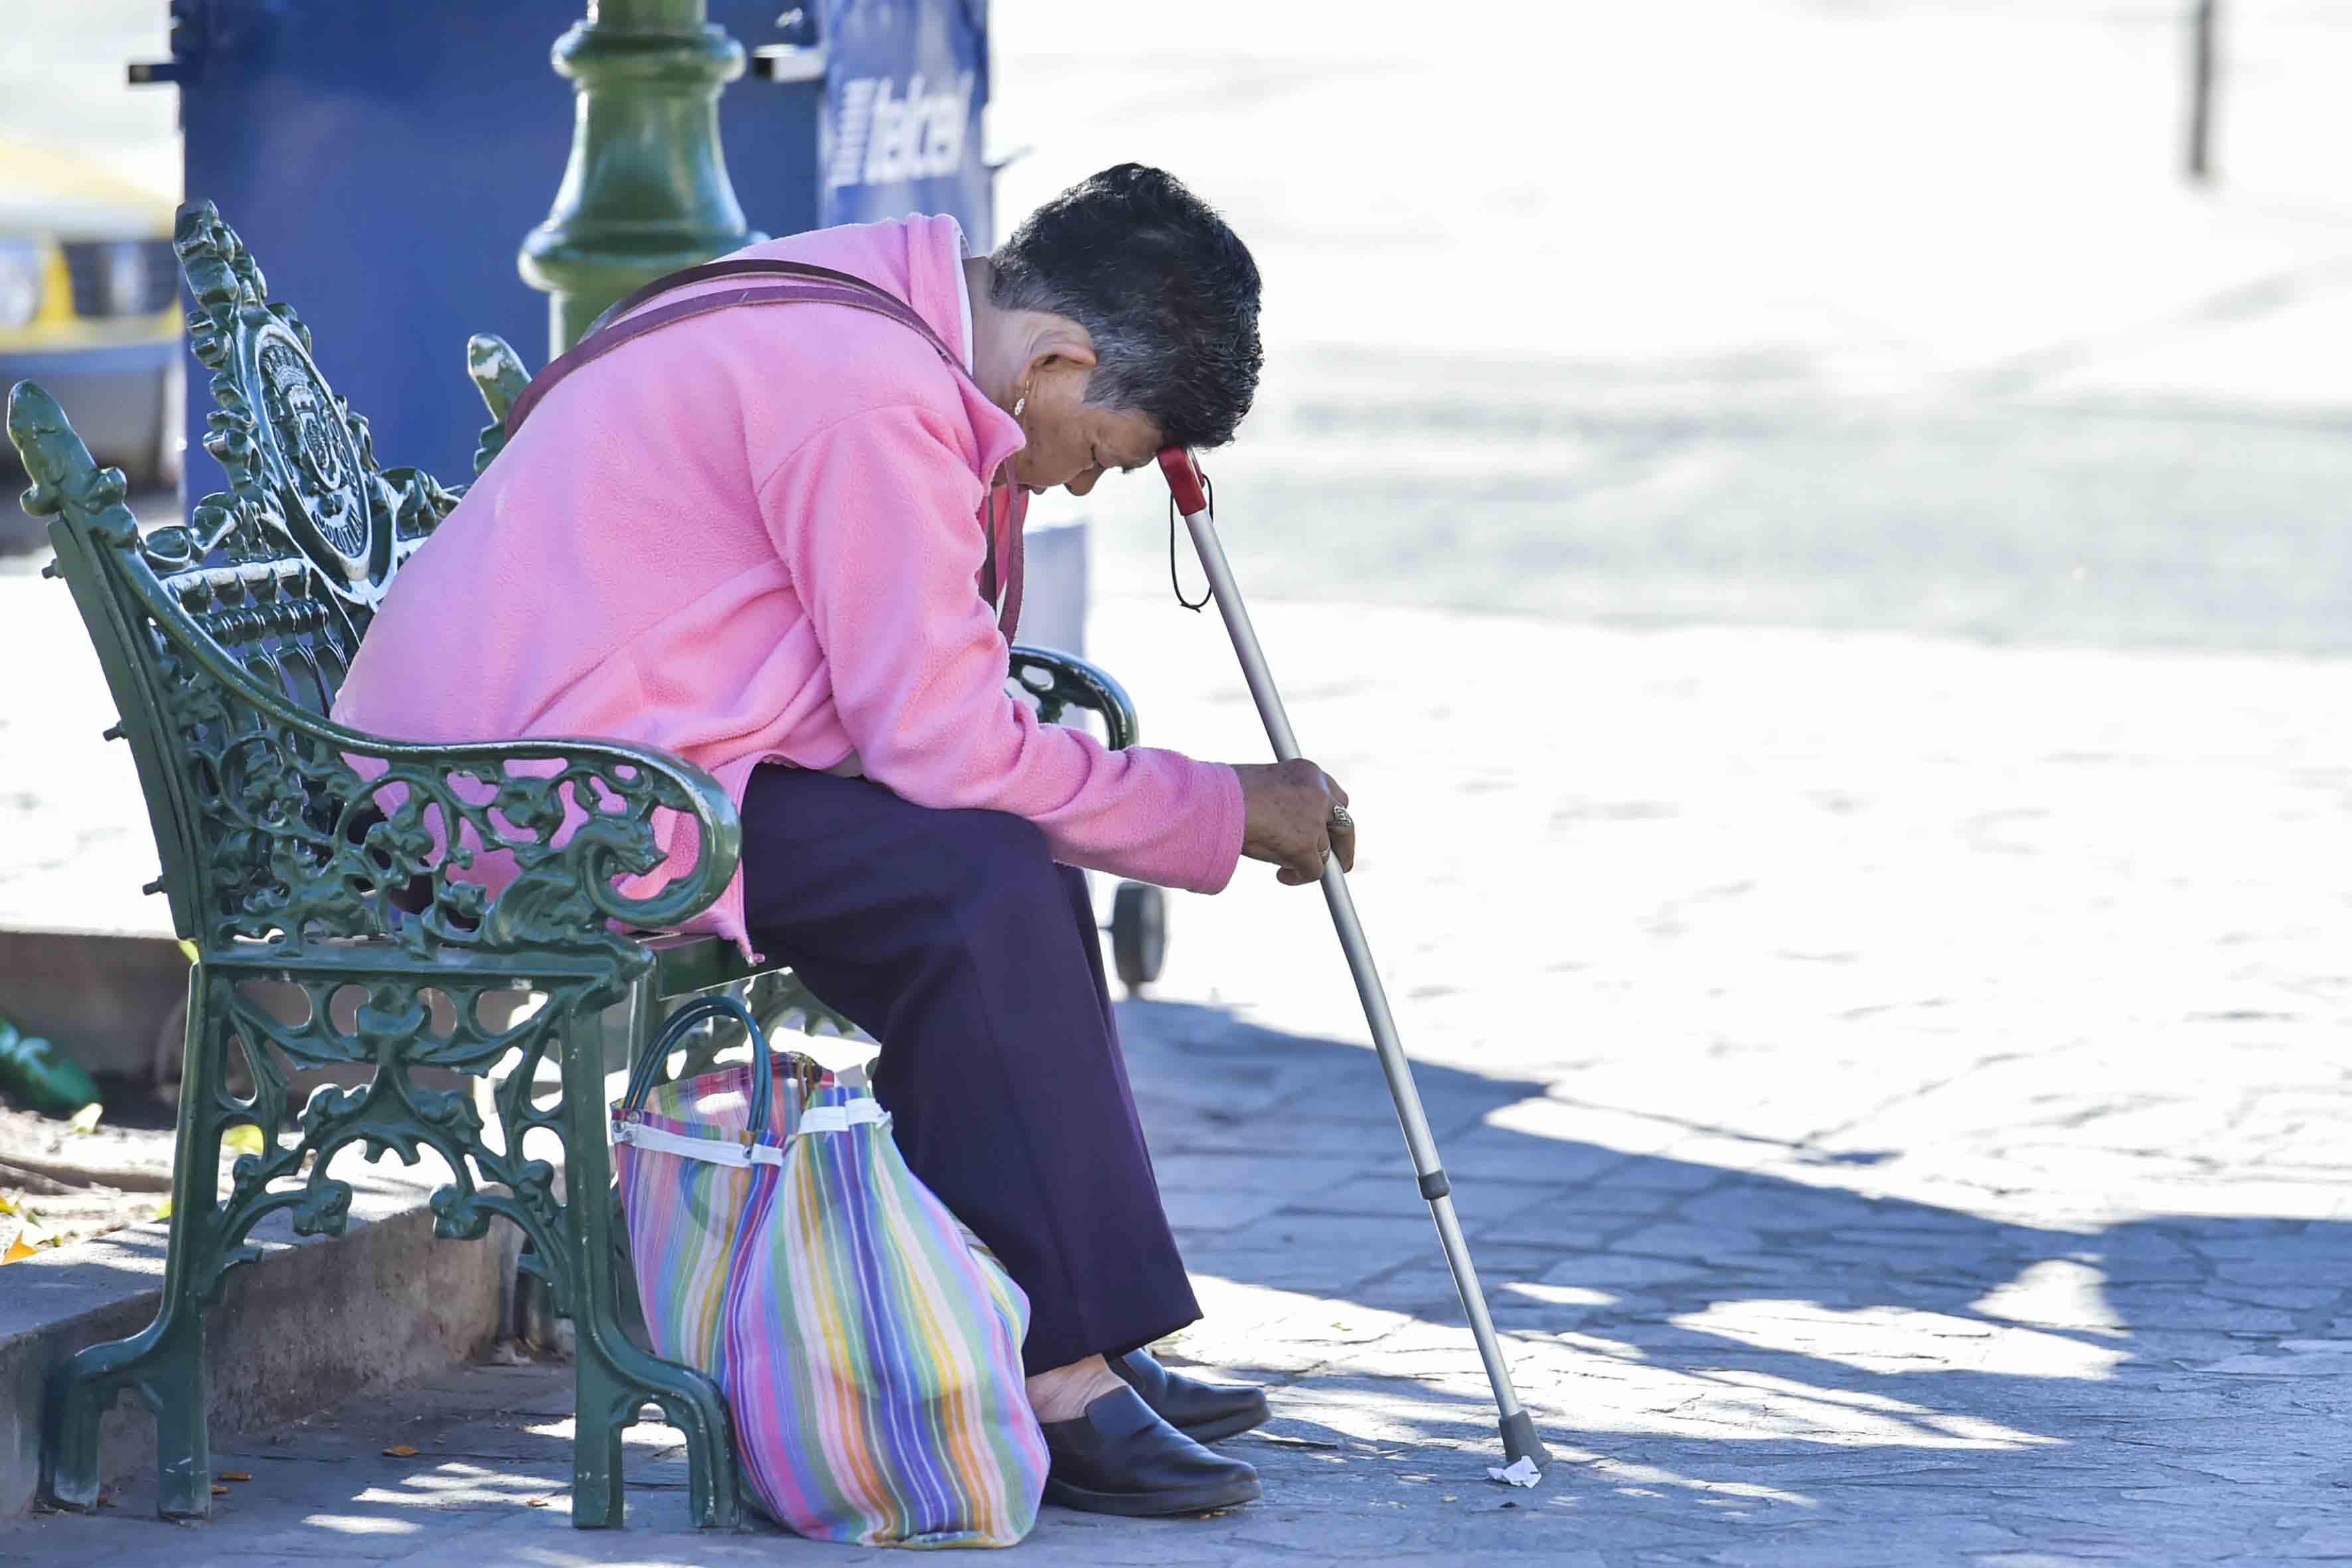 Señora sentada en una banca